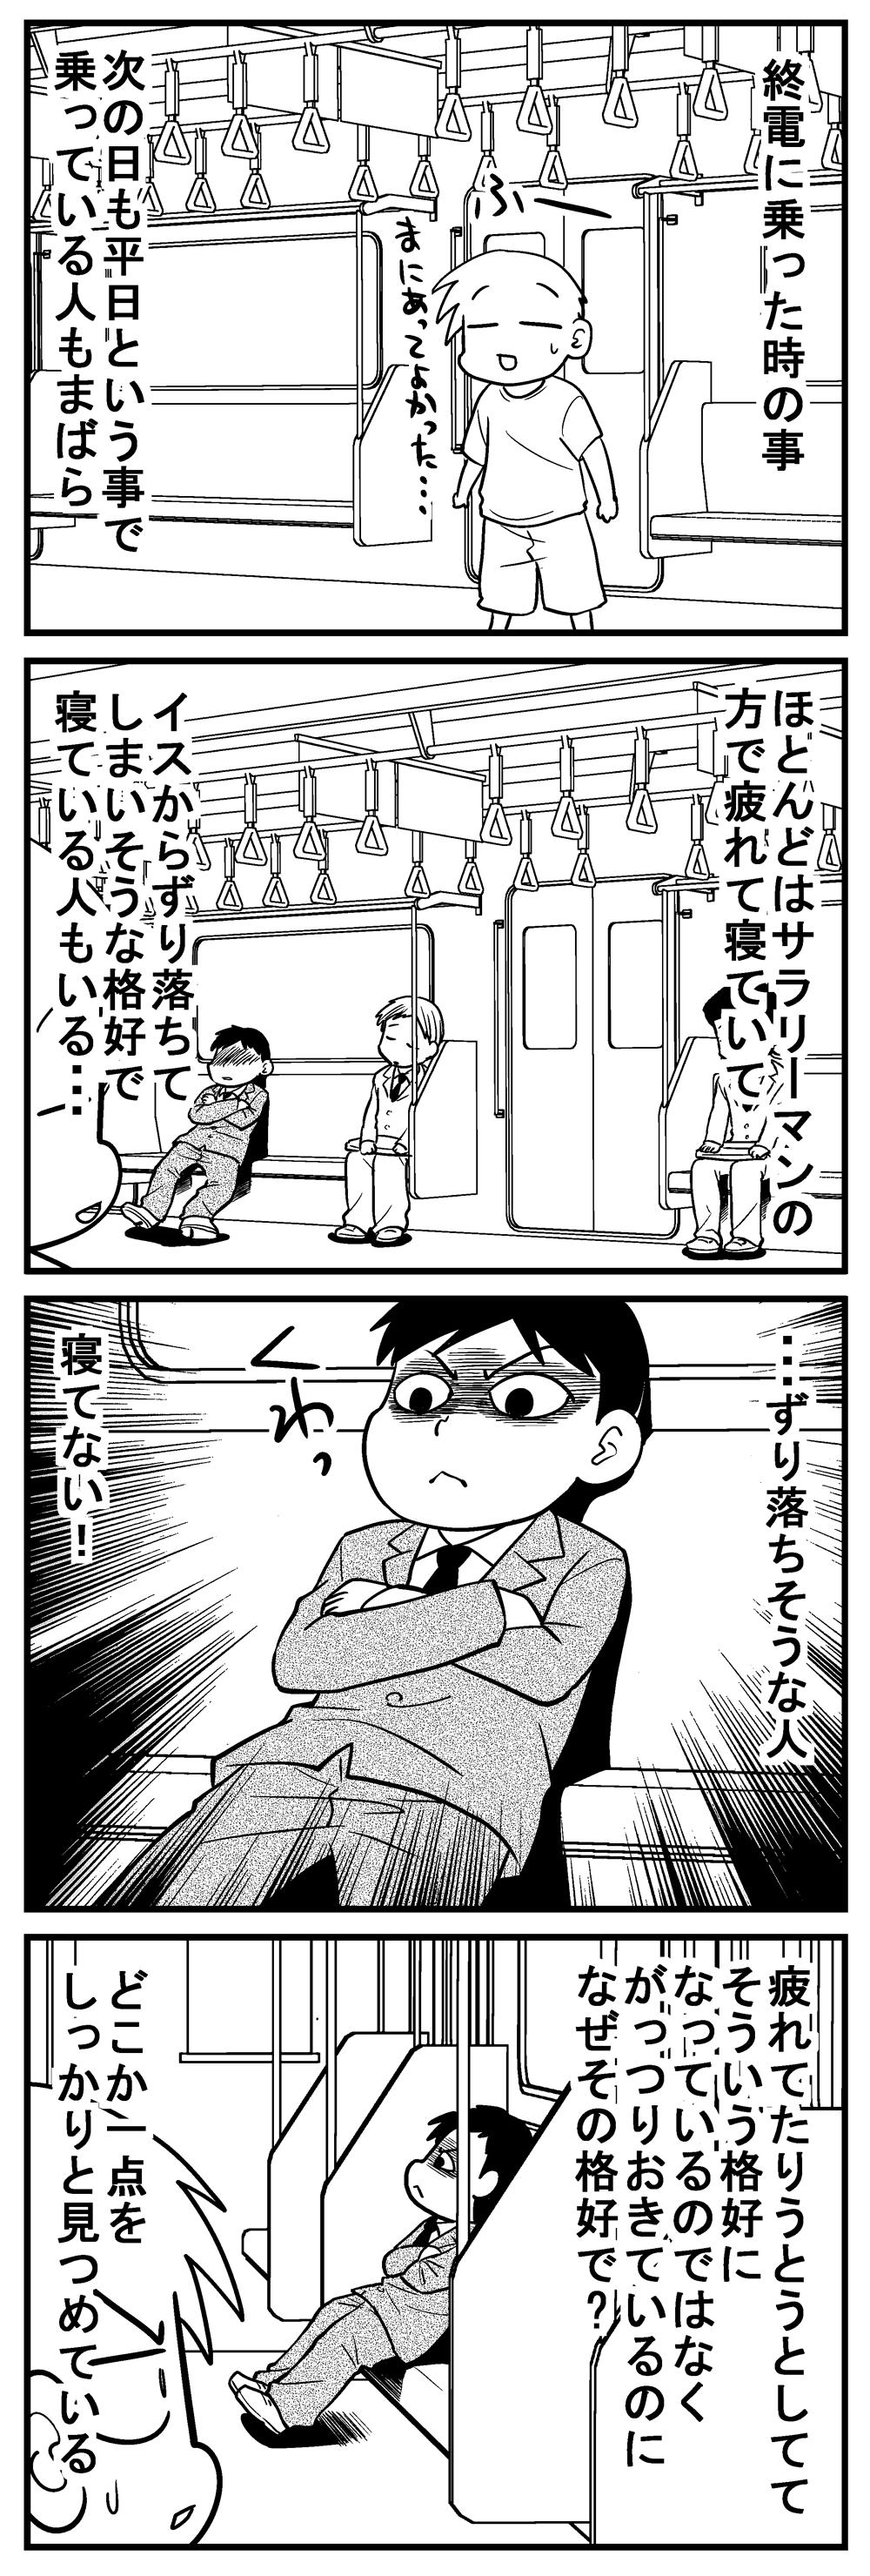 深読みくん143-1